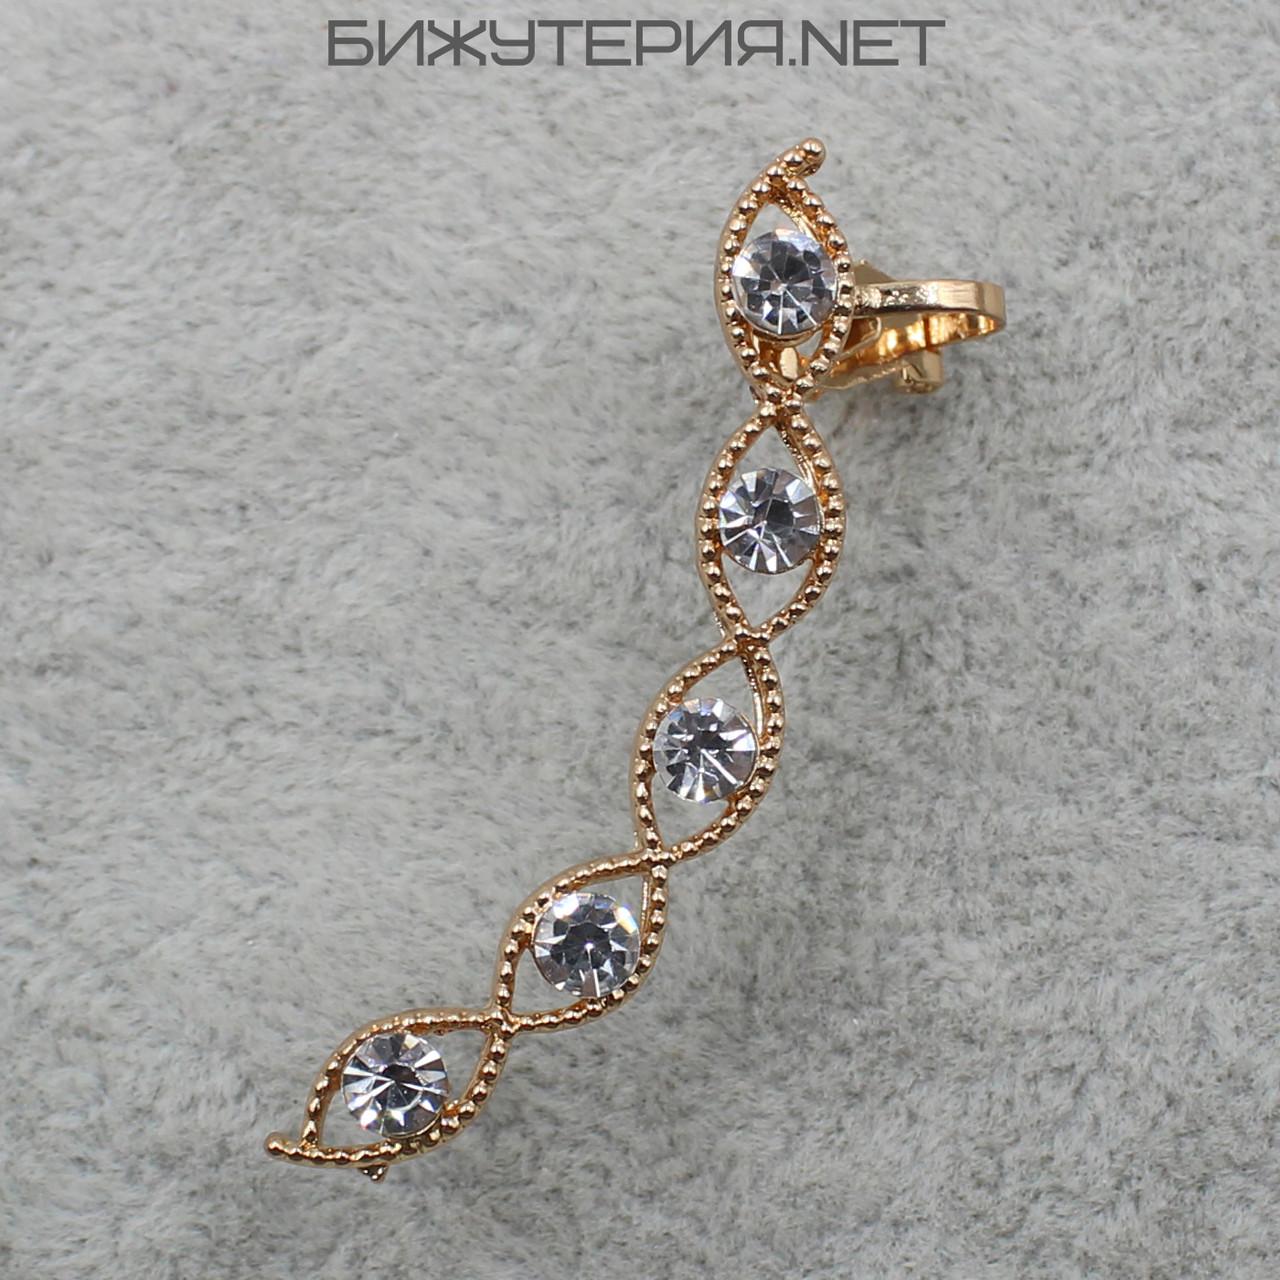 Серьги Каффы JB в золотом цвете со стразами  - 1064847803